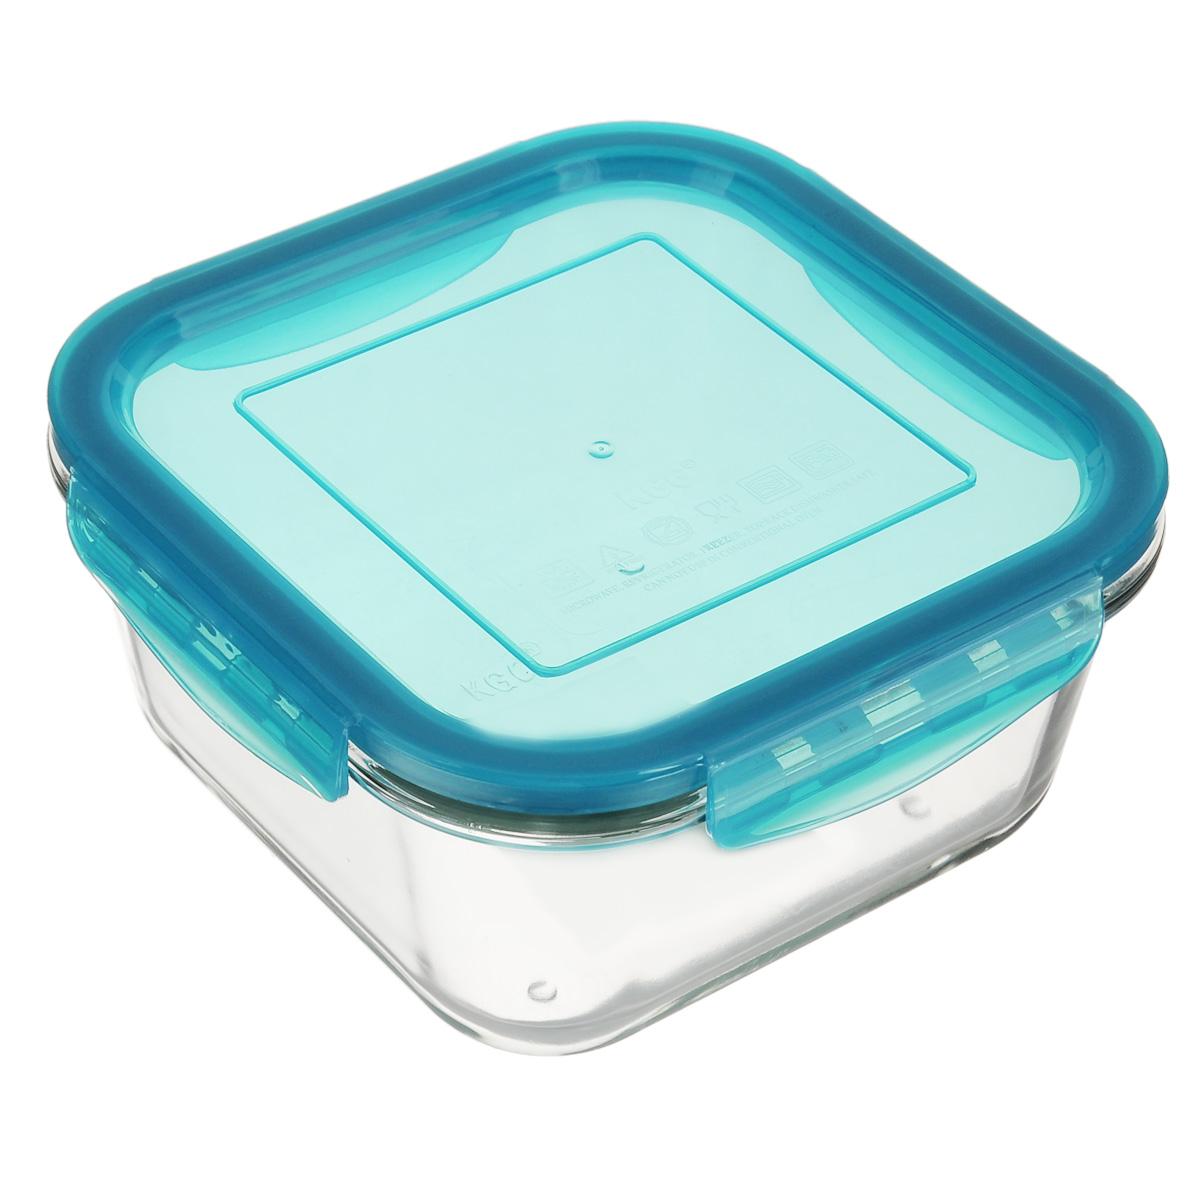 """Квадратная форма для запекания """"Mijotex"""" изготовлена из жаропрочного   стекла,   которое выдерживает температуру до +450°С. Форма предназначена для   приготовления горячих блюд. Оснащена герметичной пластиковой крышкой с   силиконовым уплотнителем для хранения продуктов. Материал изделия   гигиеничен, прост в уходе и обладает высокой степенью прочности.   Форма (без крышки) идеально подходит для использования в духовках,   микроволновых печах, холодильниках и морозильных камерах. Также ее можно   использовать на газовых плитах (на слабом огне) и на электроплитах. Можно мыть   в посудомоечной машине.  Размер формы (по верхнему краю): 15 см х 15 см. Высота стенки формы: 7 см.     Как выбрать форму для выпечки – статья на OZON Гид."""